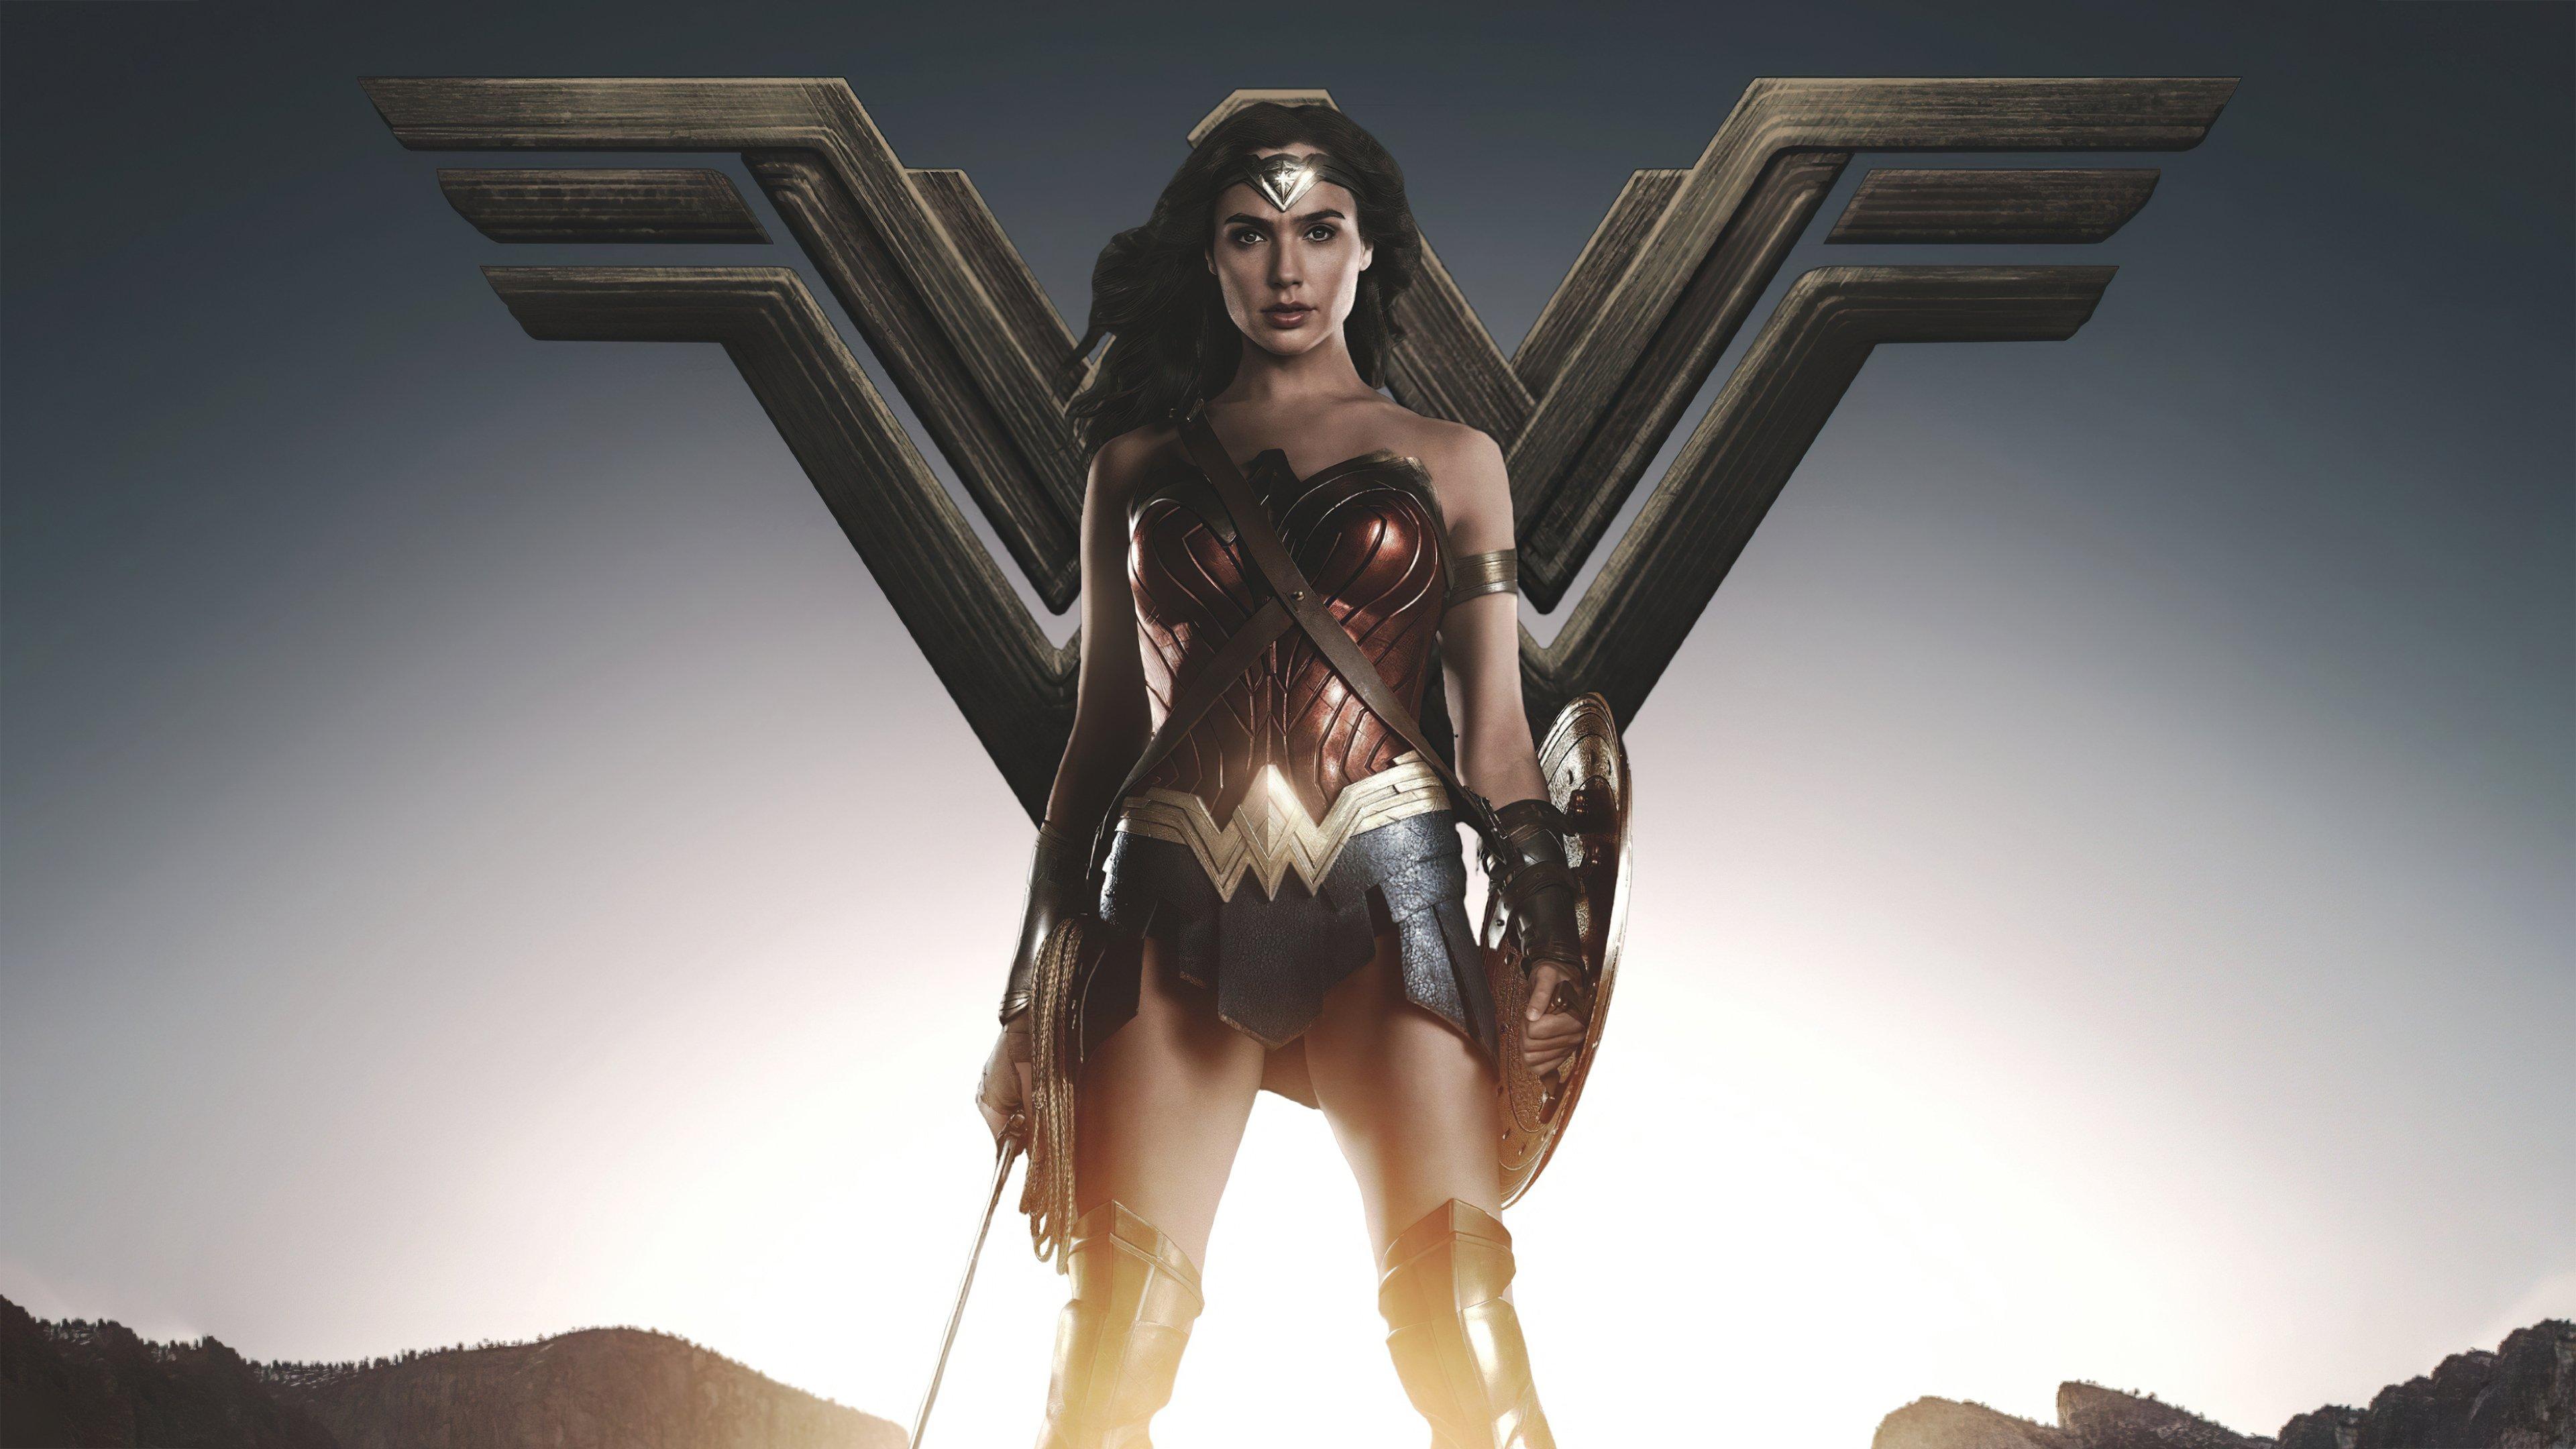 Wallpaper Wonder Woman 84